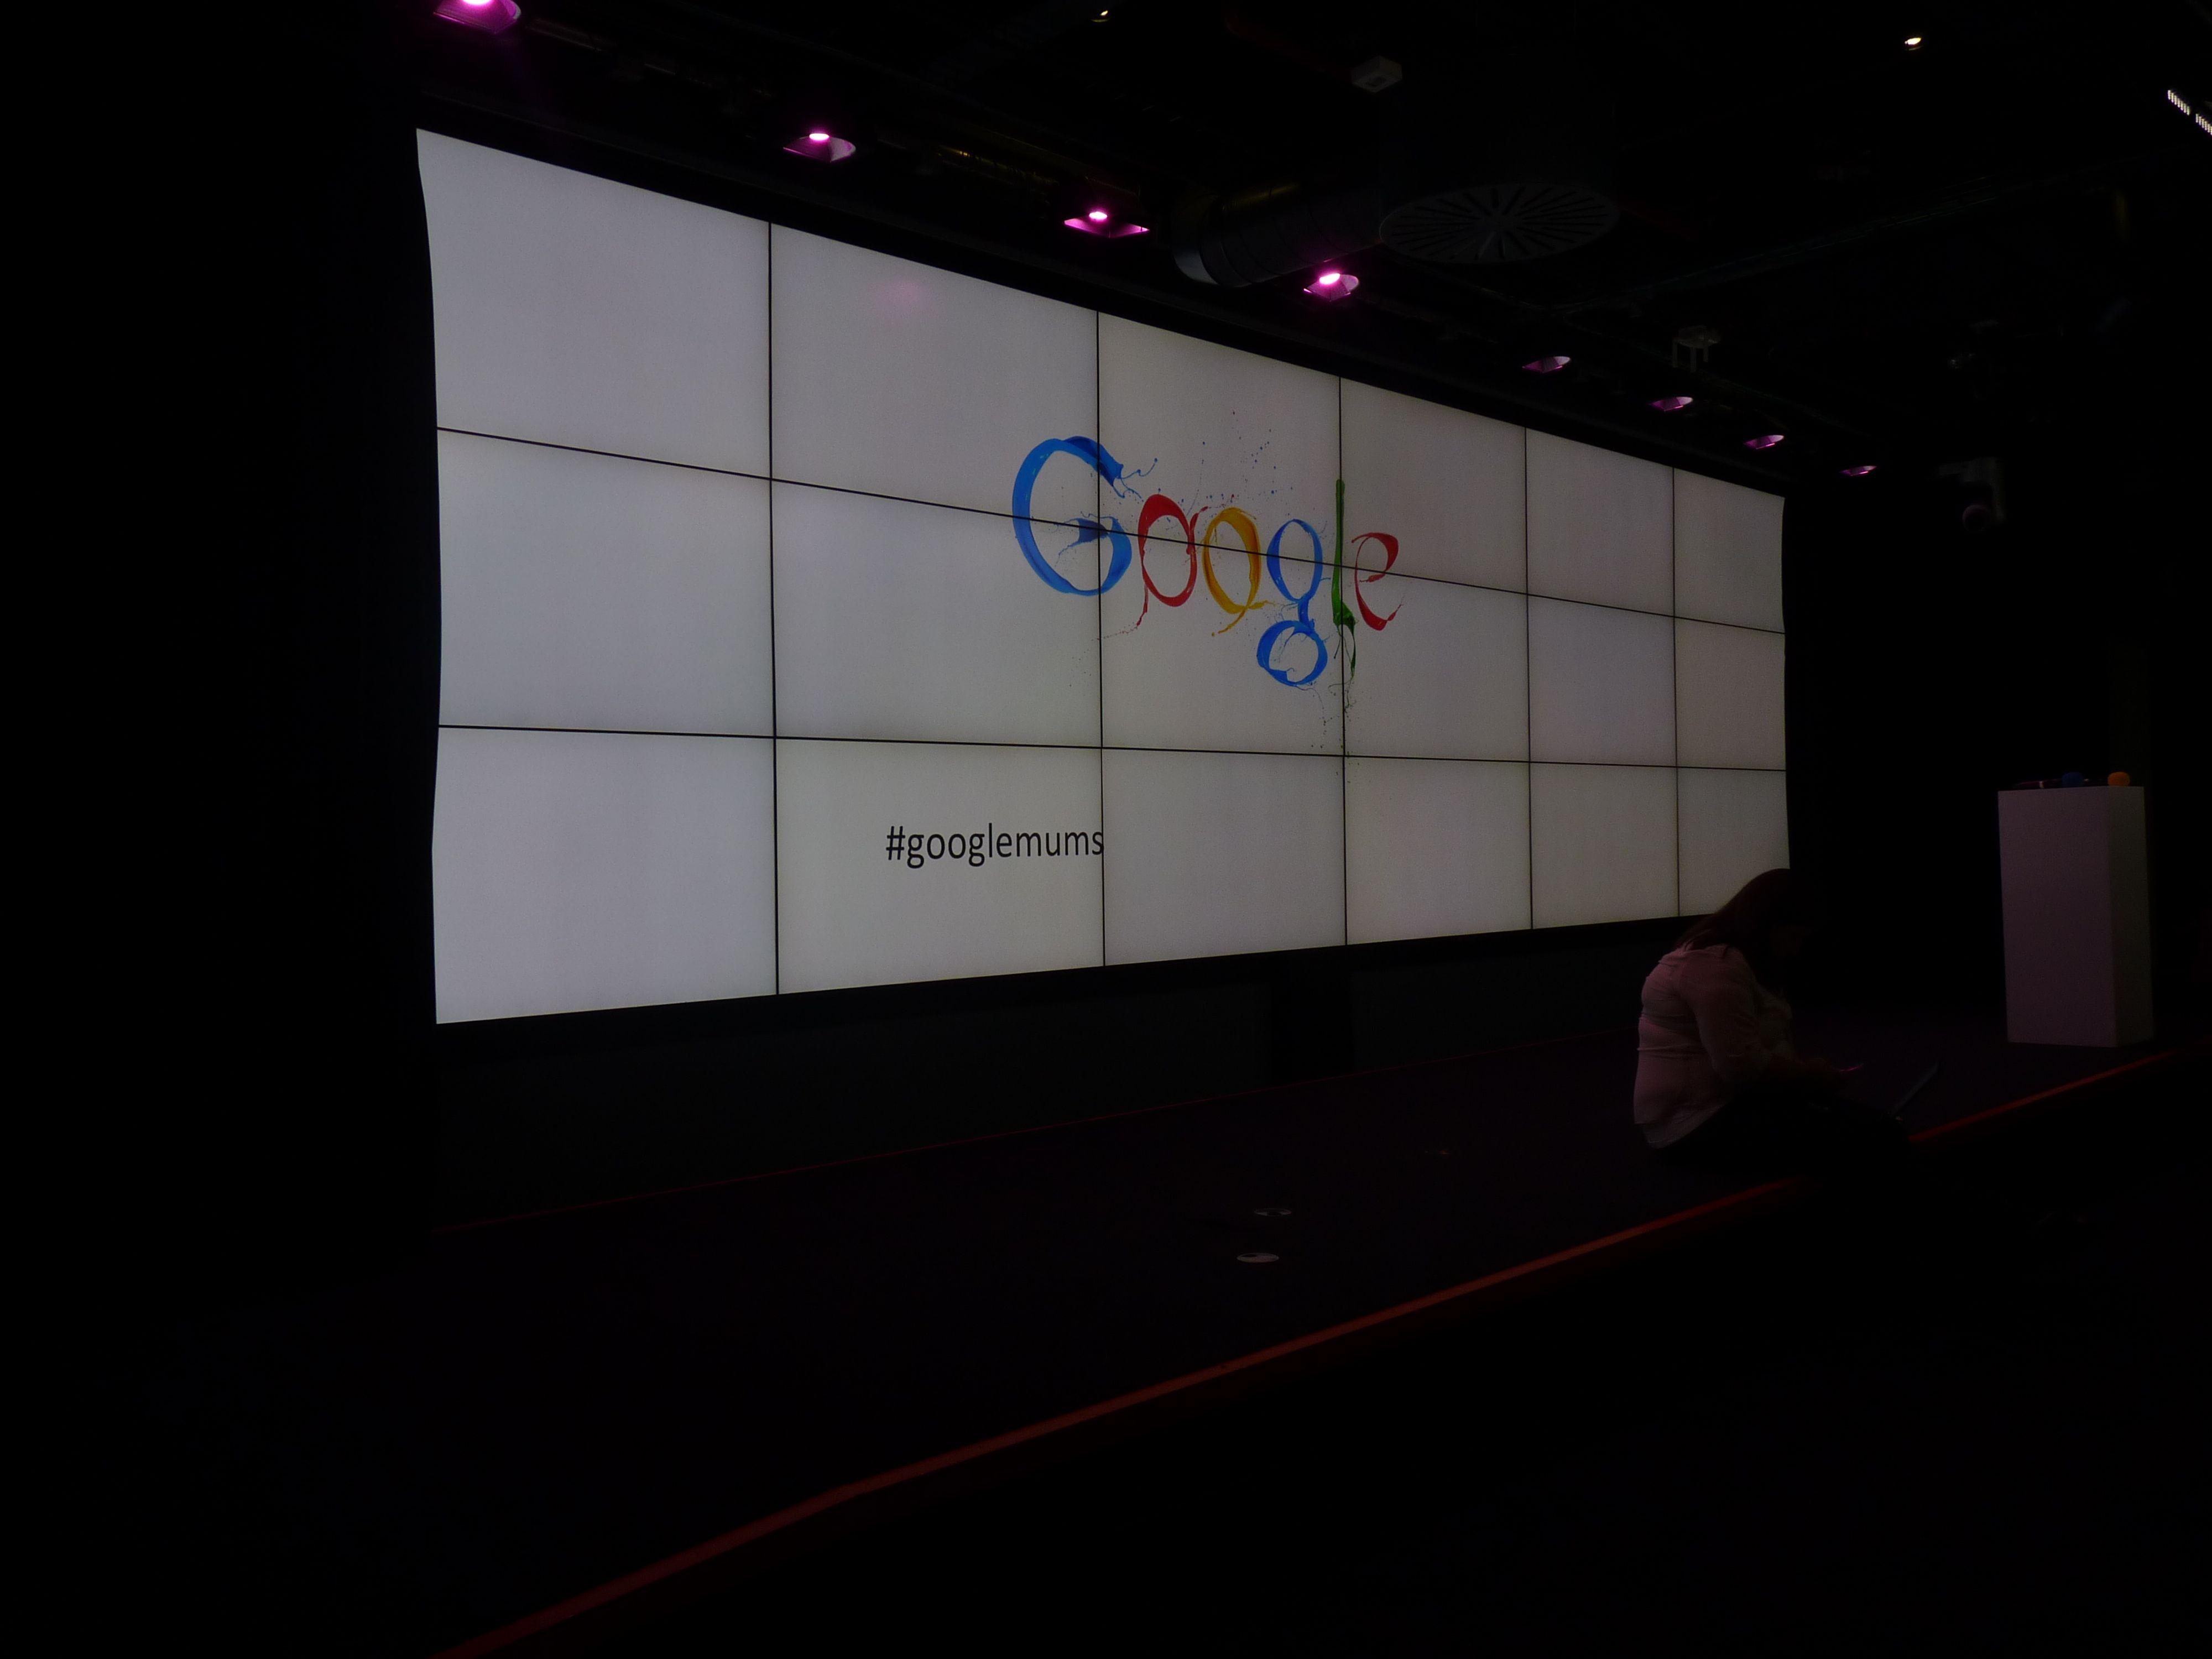 #googlemums, Google,